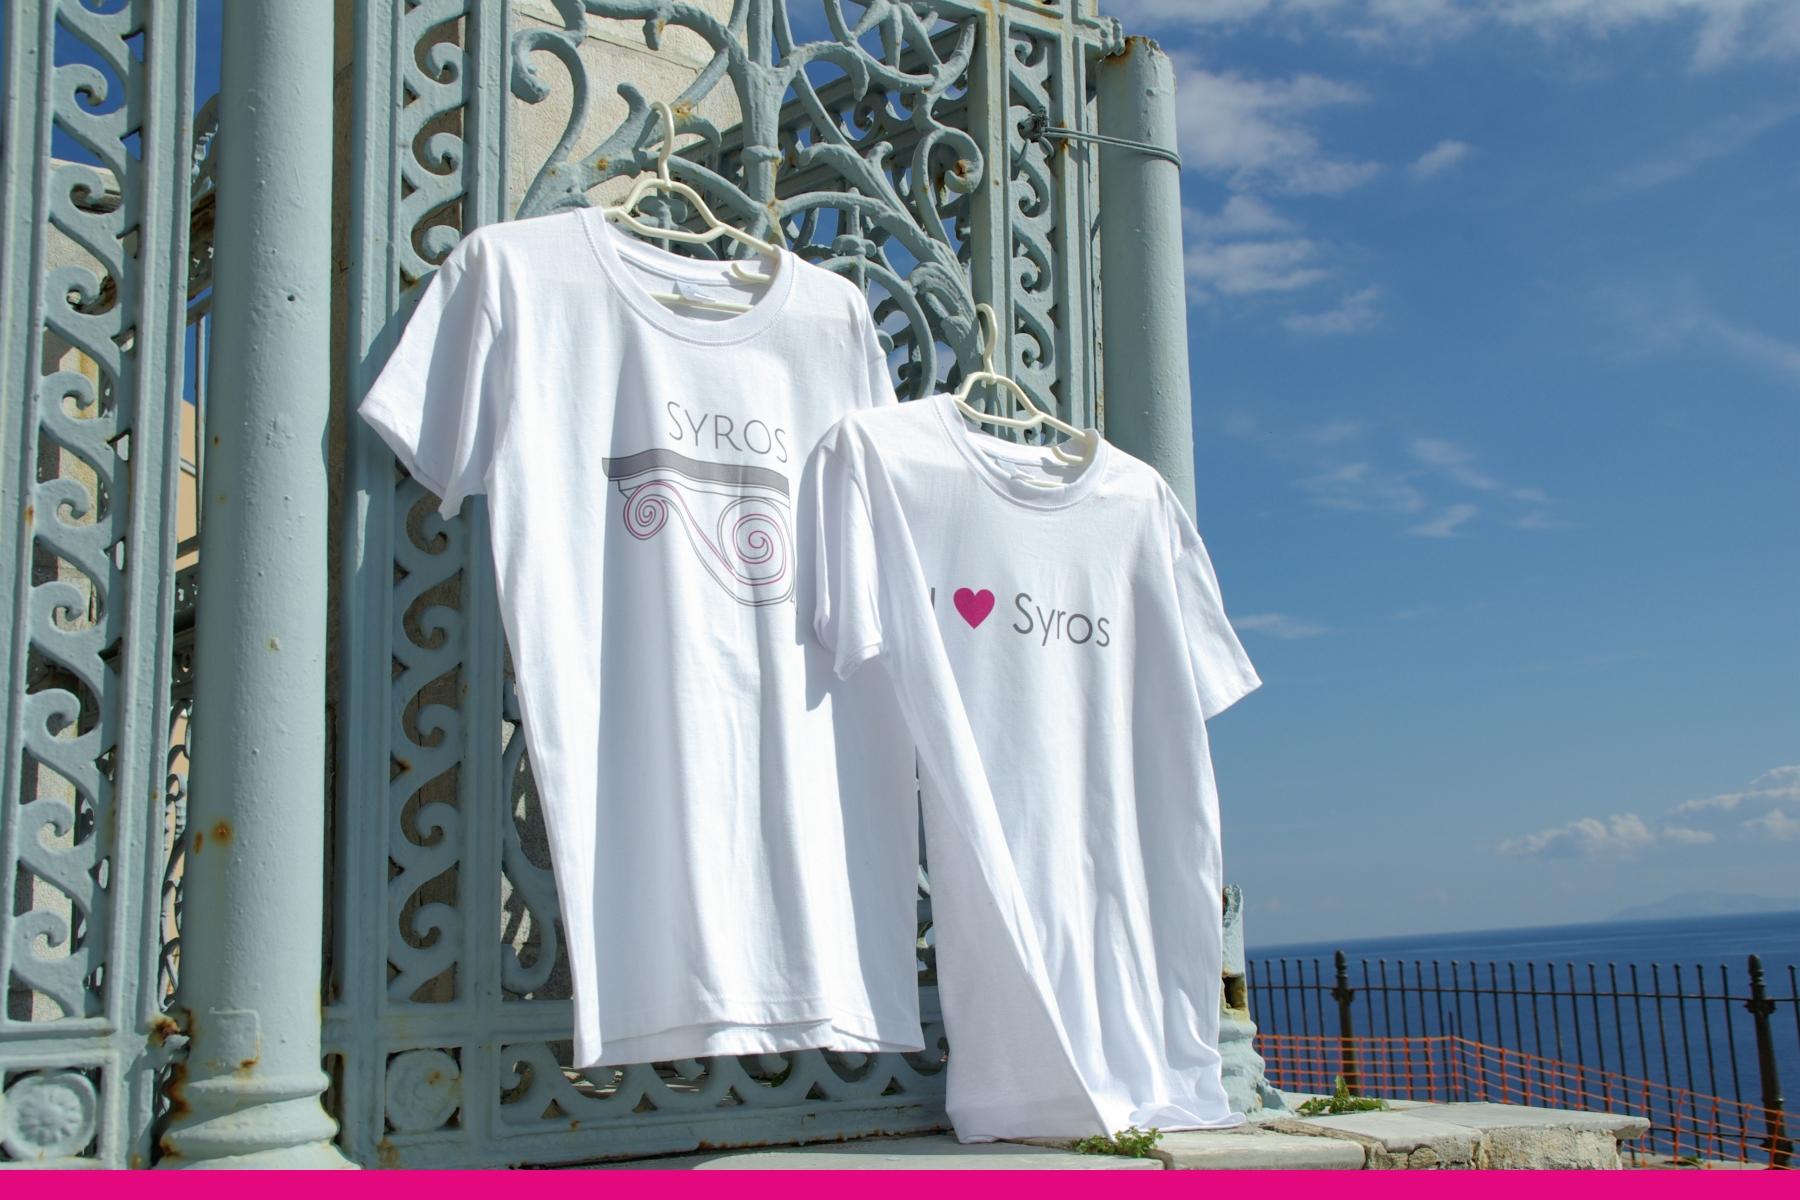 T-Shirts Syros